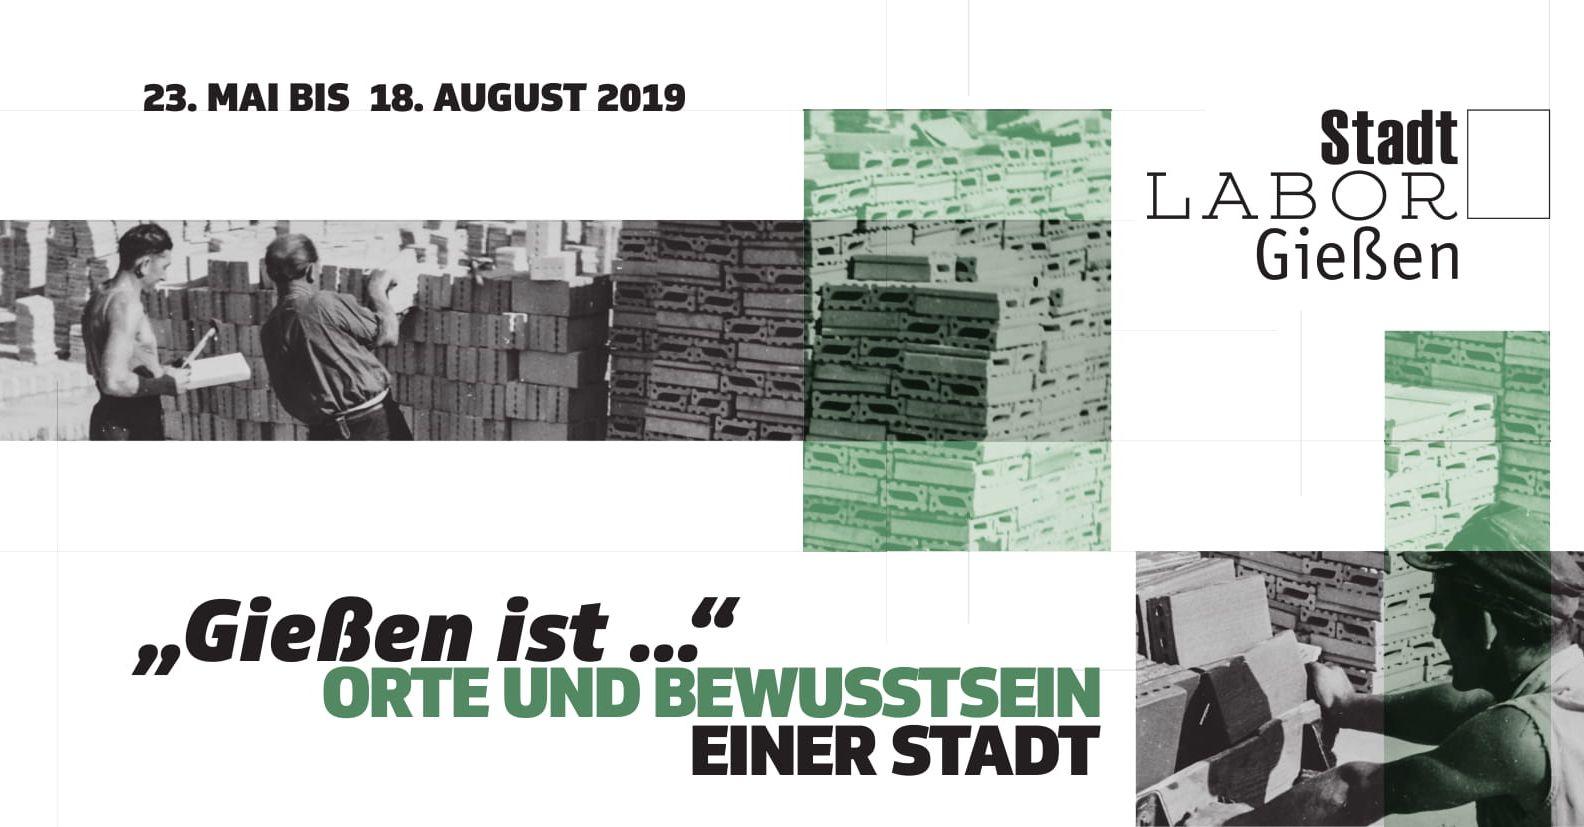 Ausstellung_Gießen ist - Plakat mit Bildausschnitten